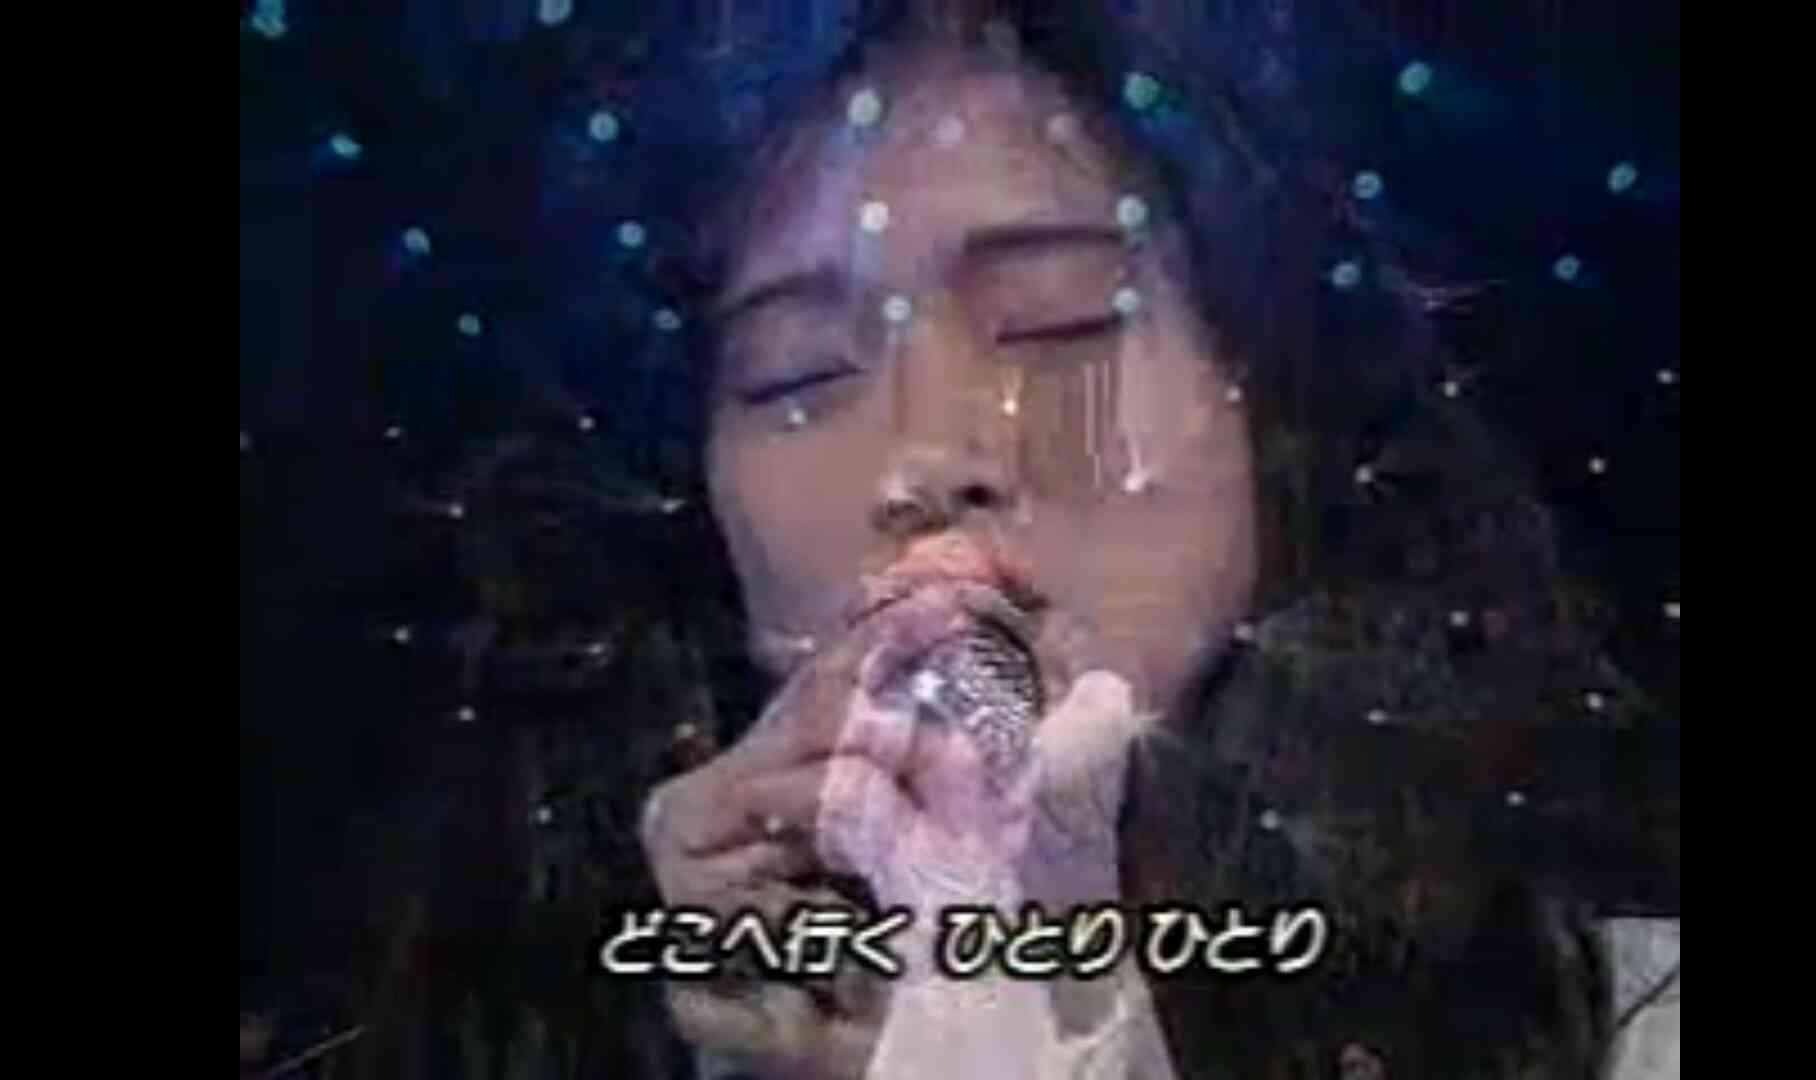 歌い方が好きな歌手